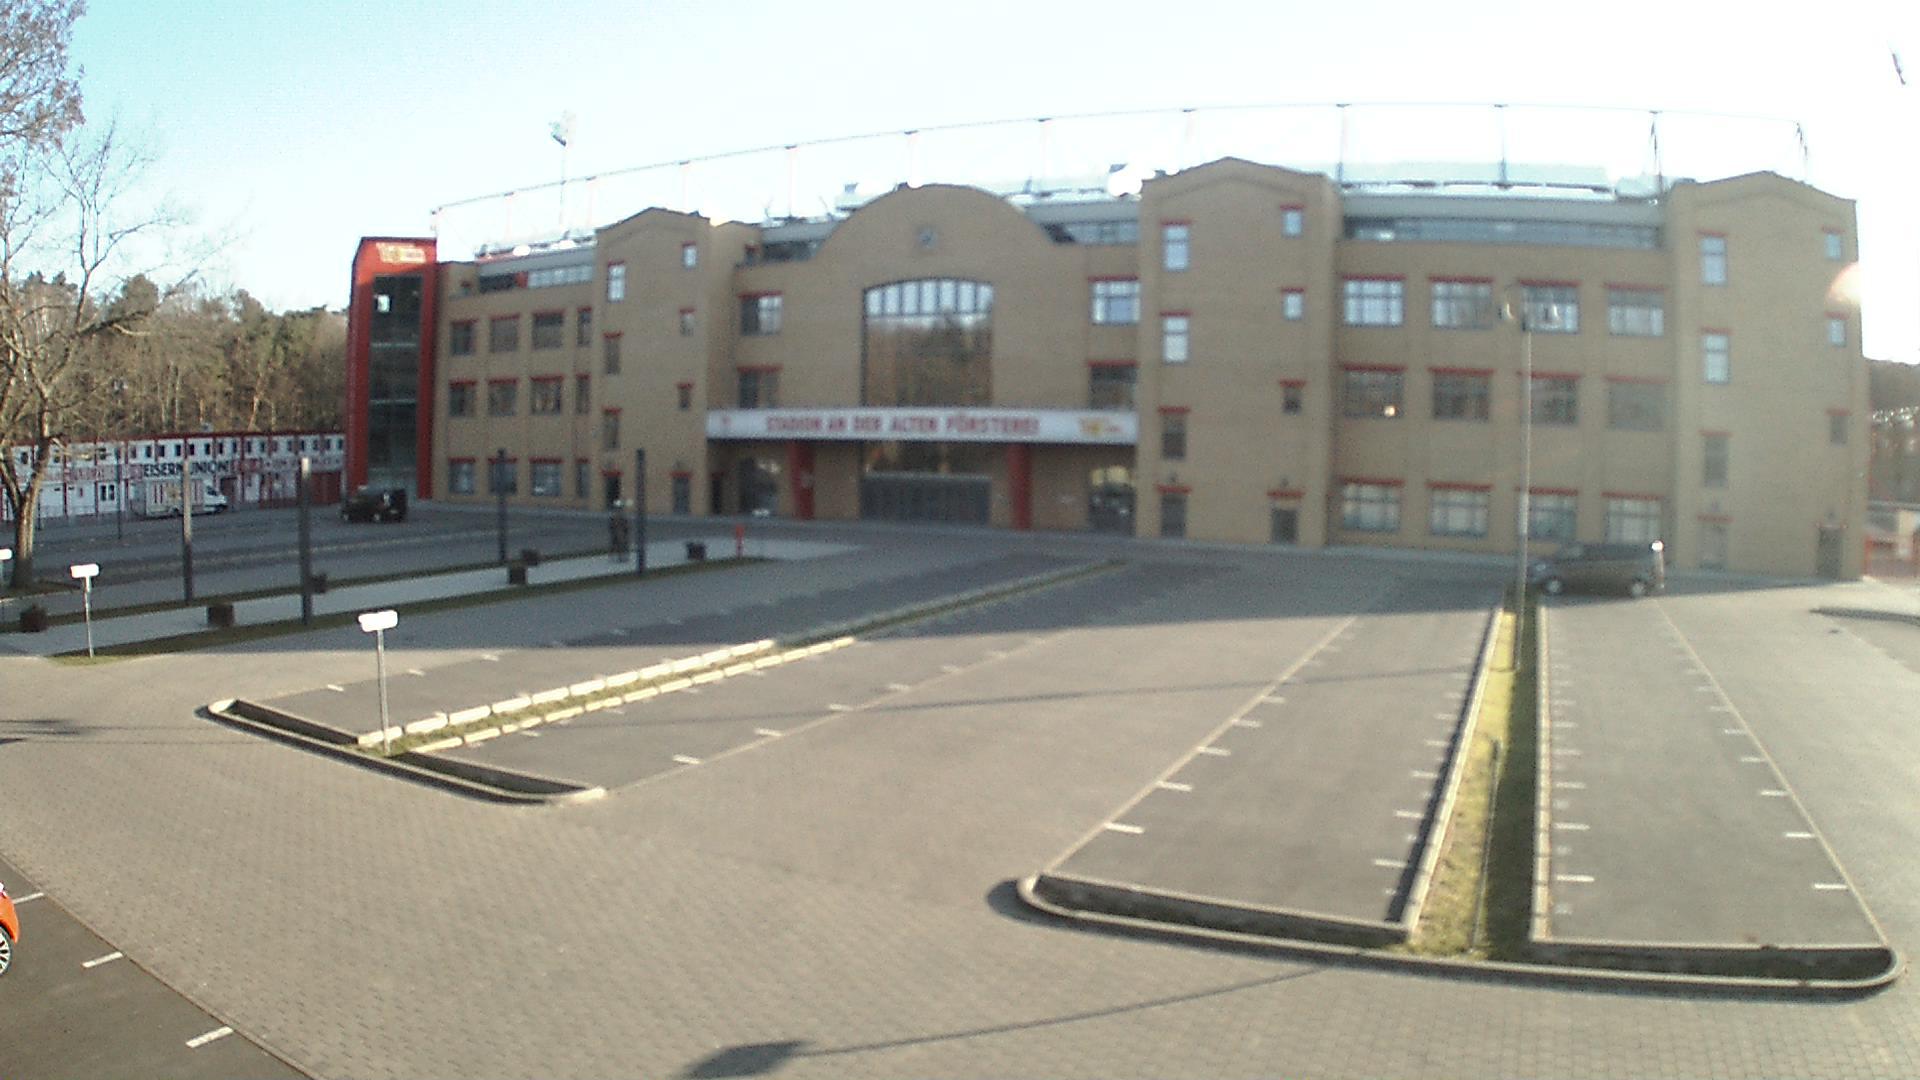 Der leere Parkplatz vor der Haupttribüne des Stadions an der Alten Försterei, Foto: Stadion-Webcam